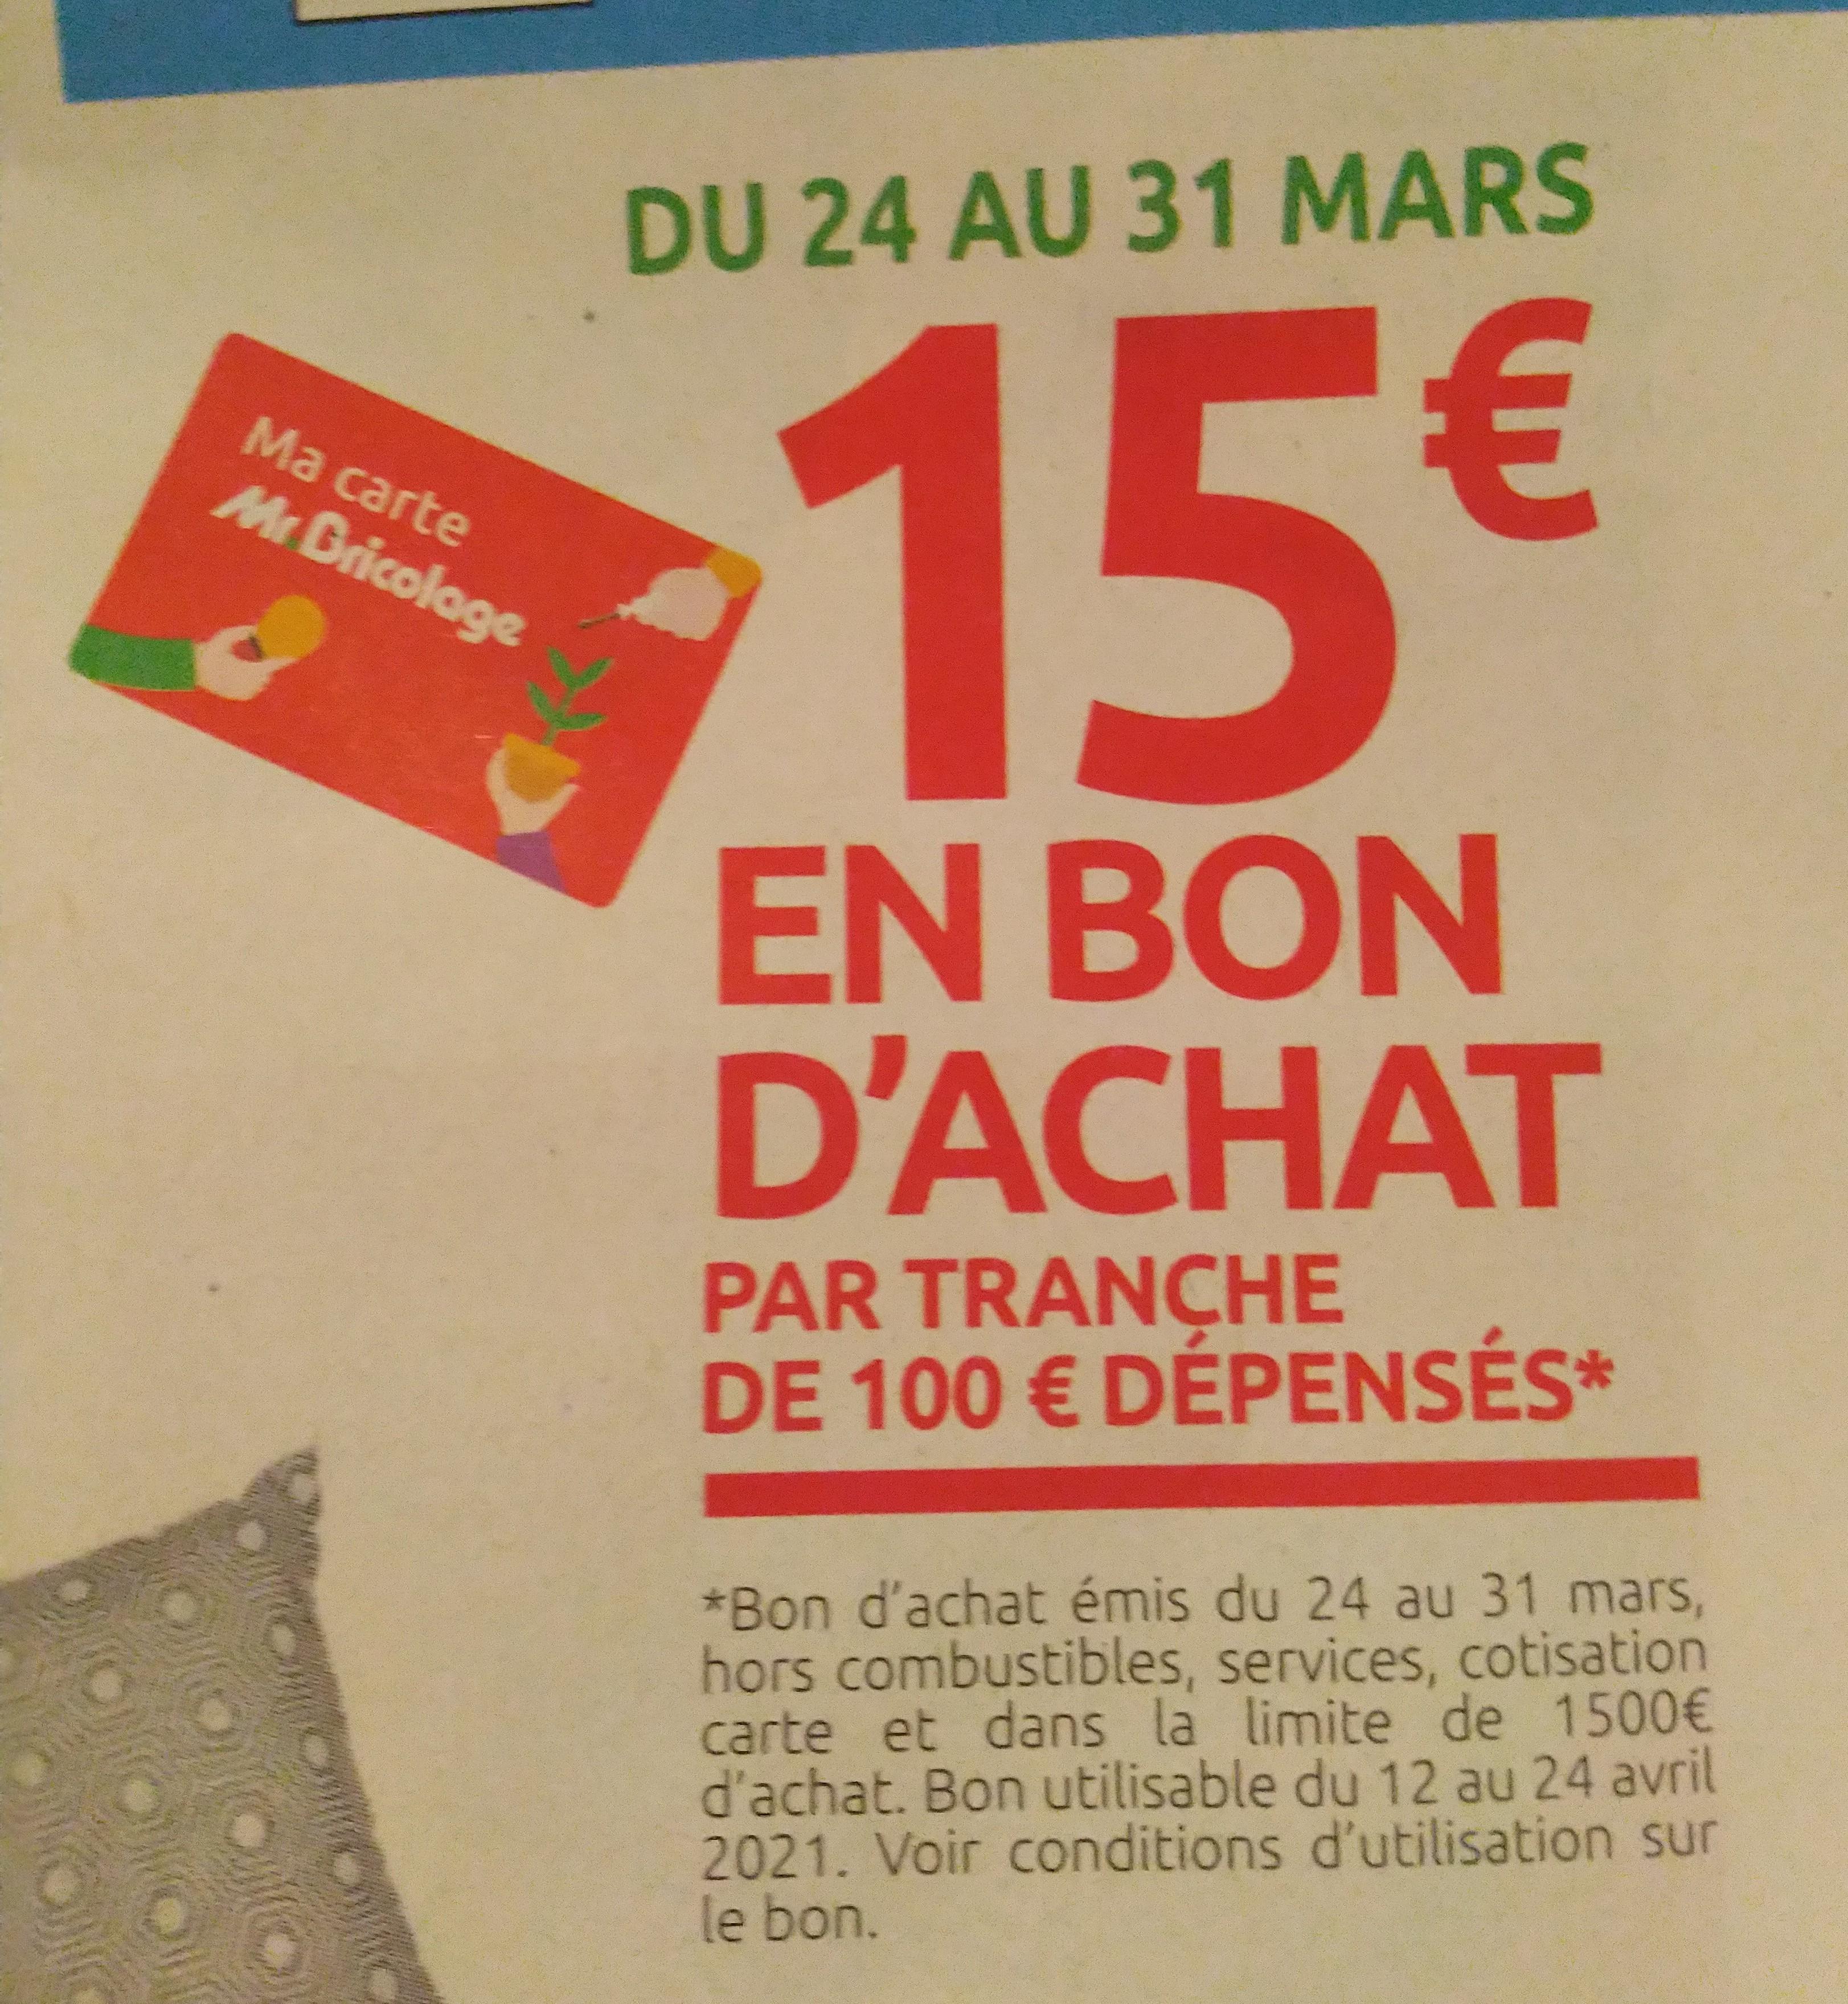 [Ma Carte Mr Bricolage] 15€ offert en bon d'achat par tranche de 100€ d'achats dans la limite de 1500€